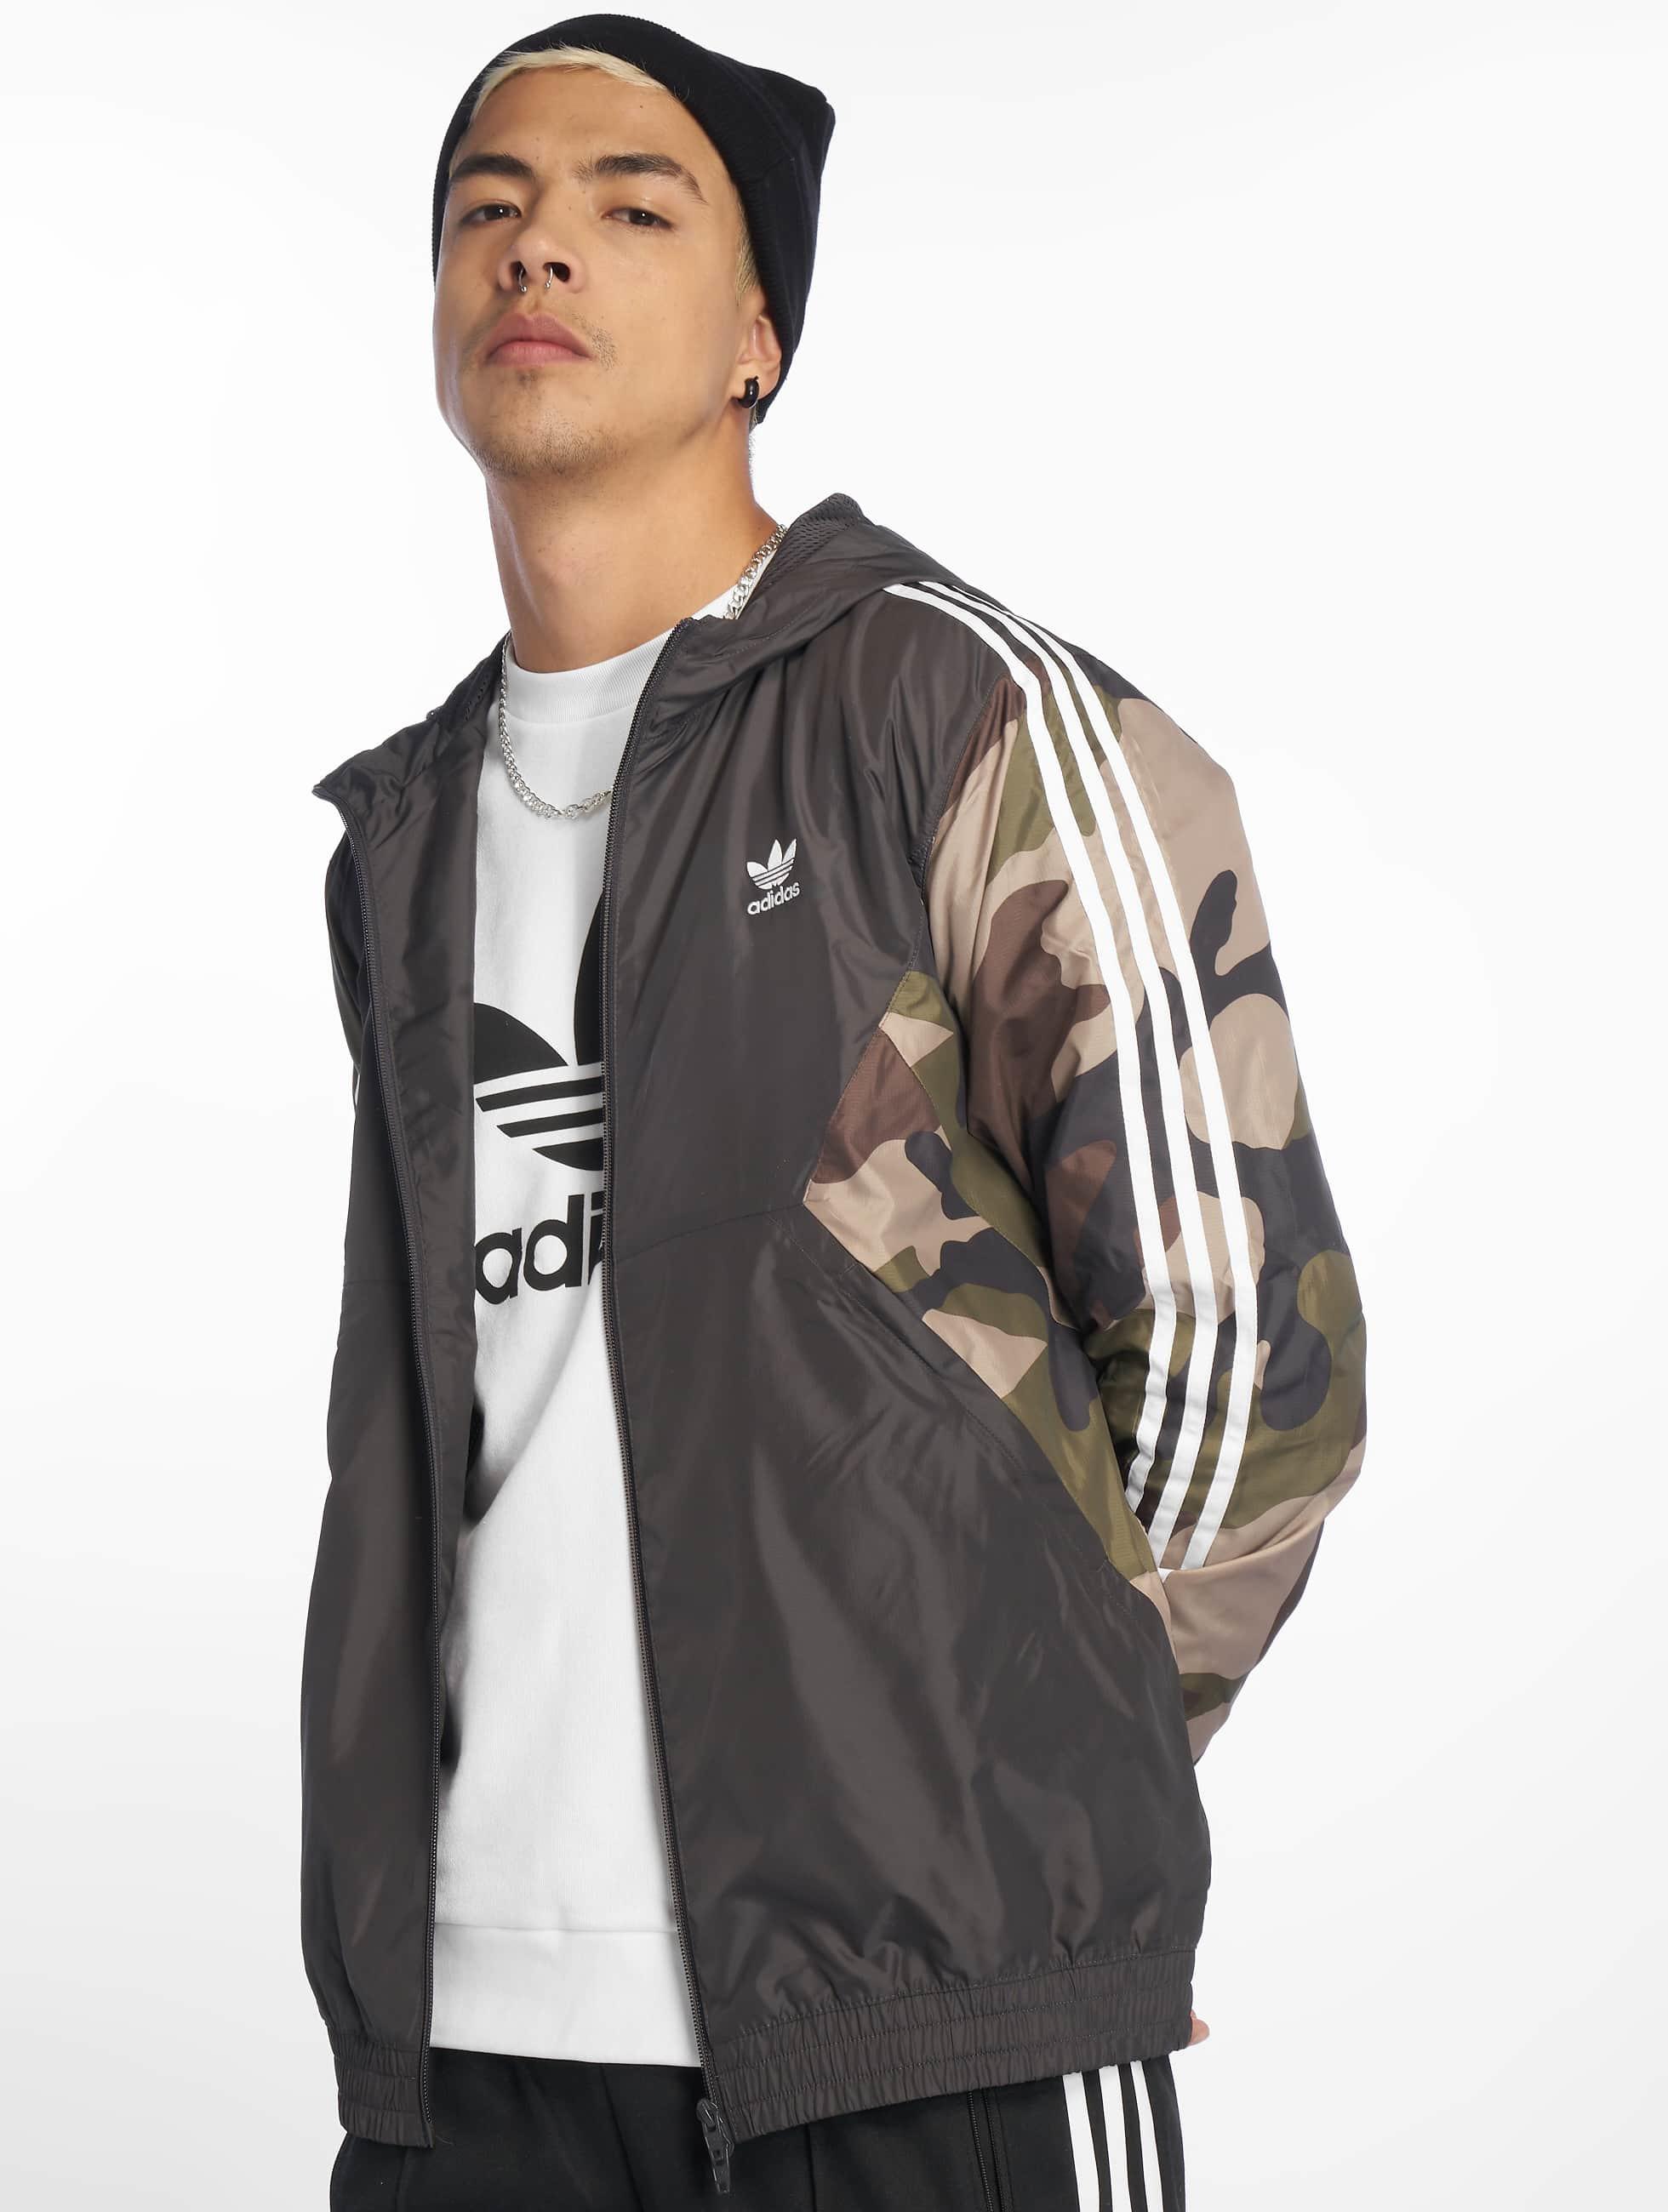 7652b0f951fba adidas originals Herren Übergangsjacke Camo in camouflage 598703